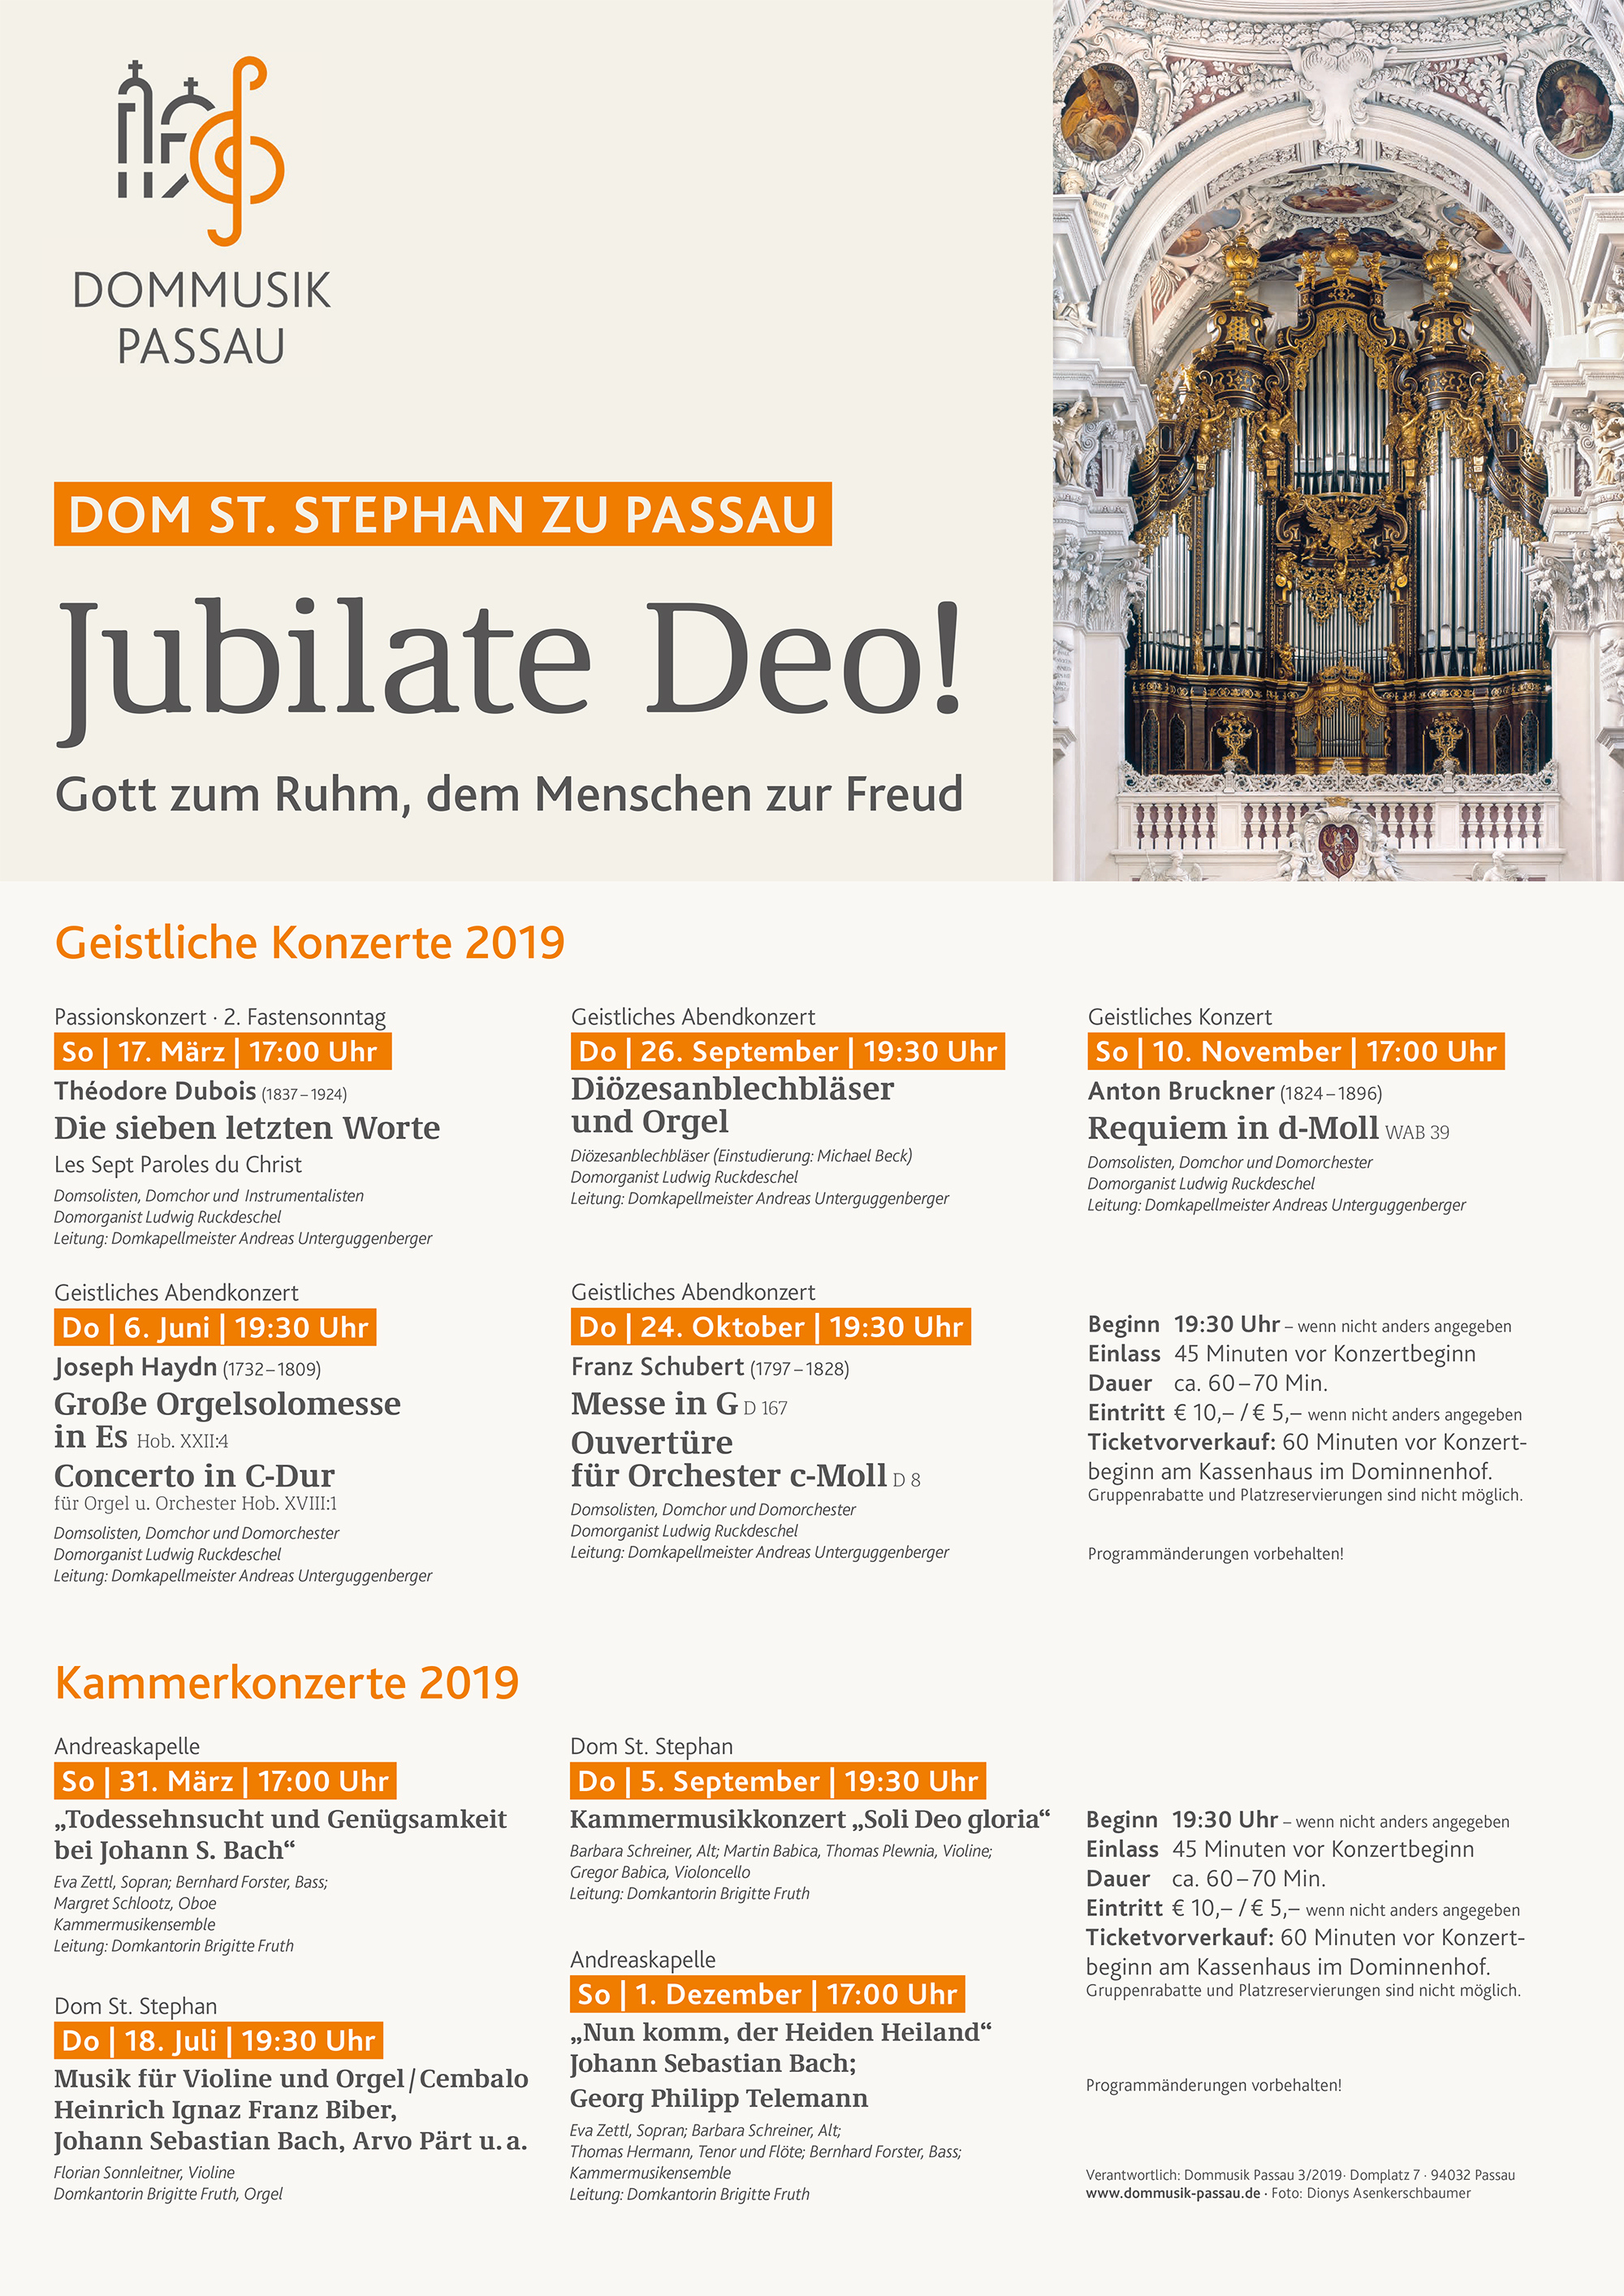 Jubilate Deo! Kammerkonzerte 2019